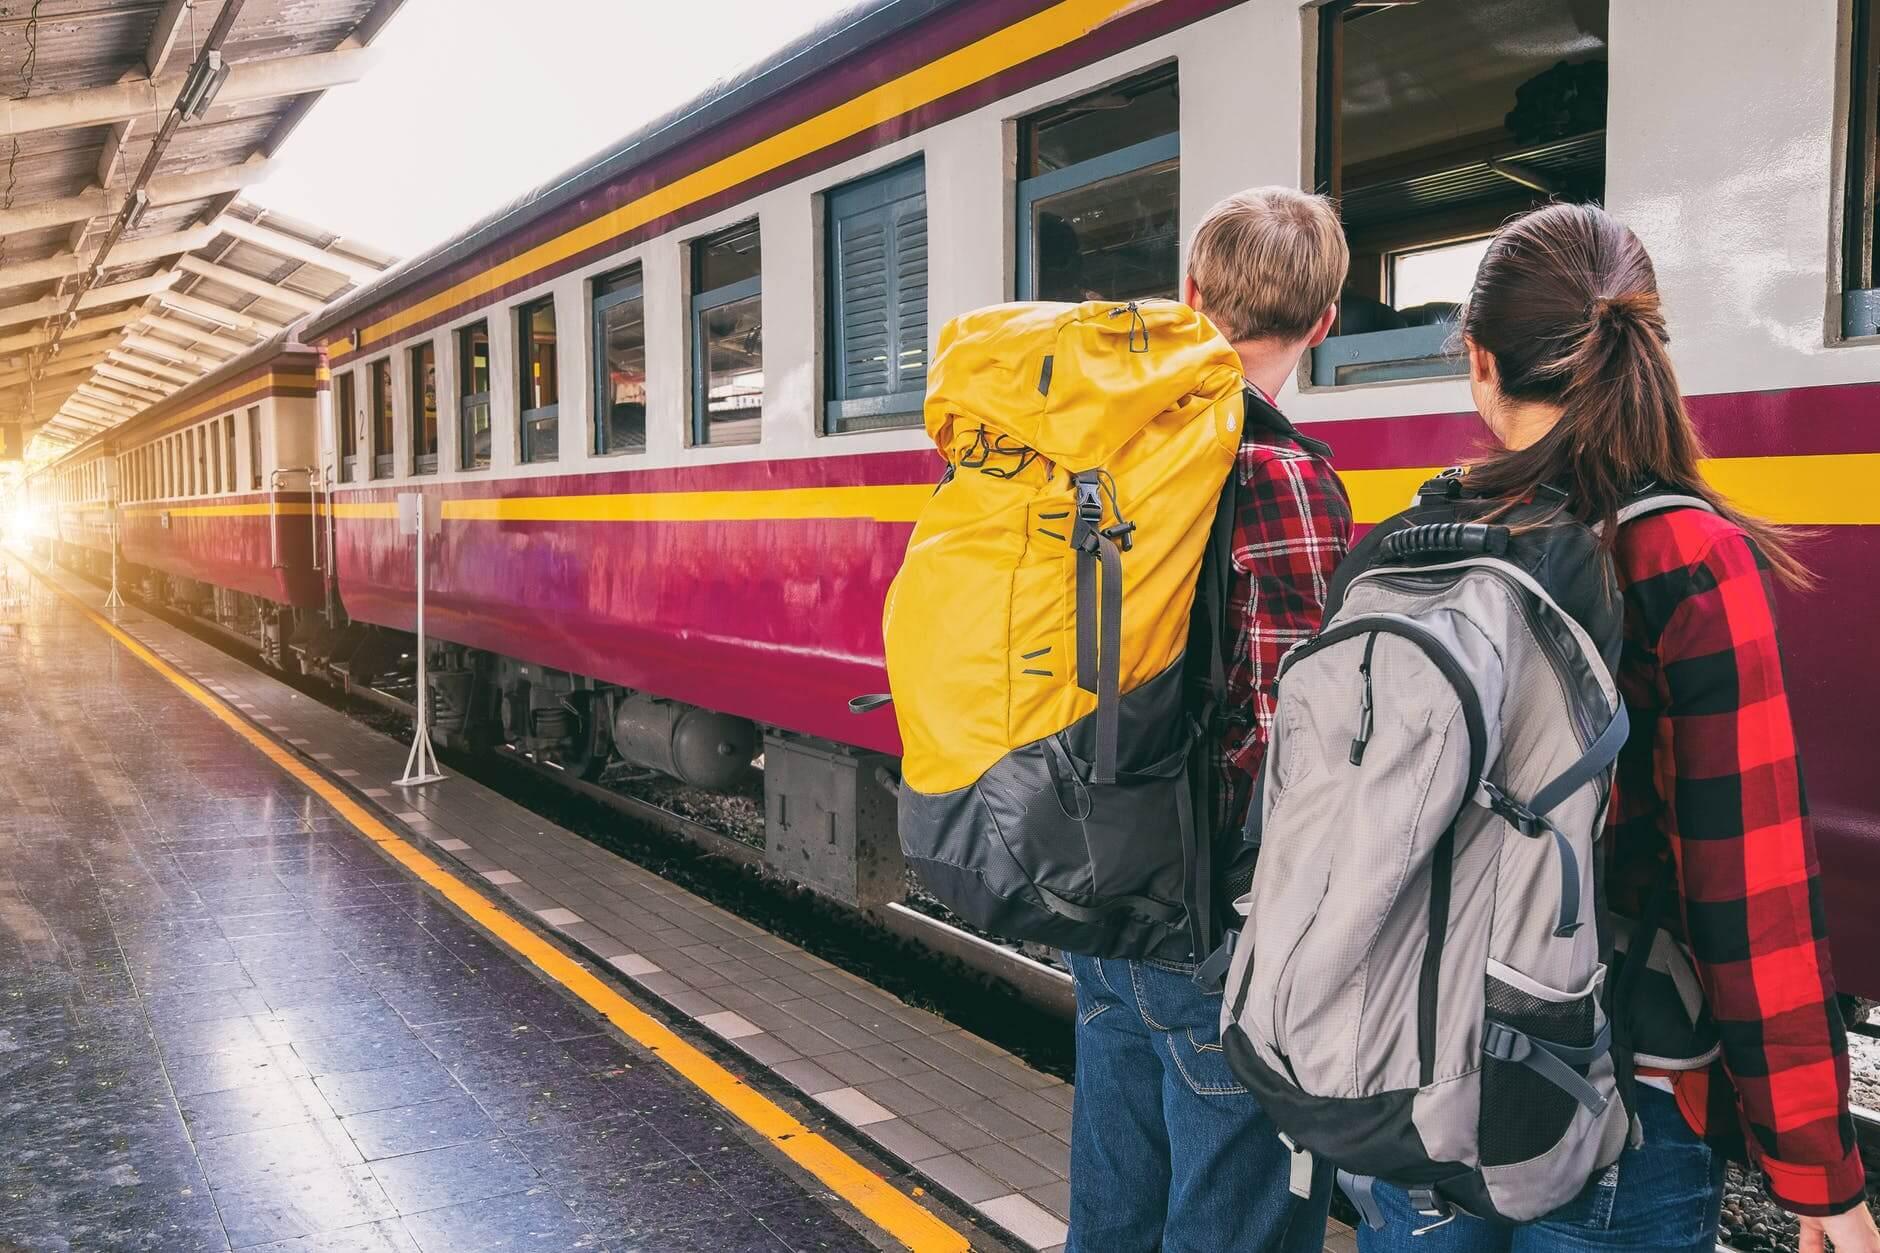 Una coppia di backpackers (uomo e donna) in attesa di prendere un treno in una stazione